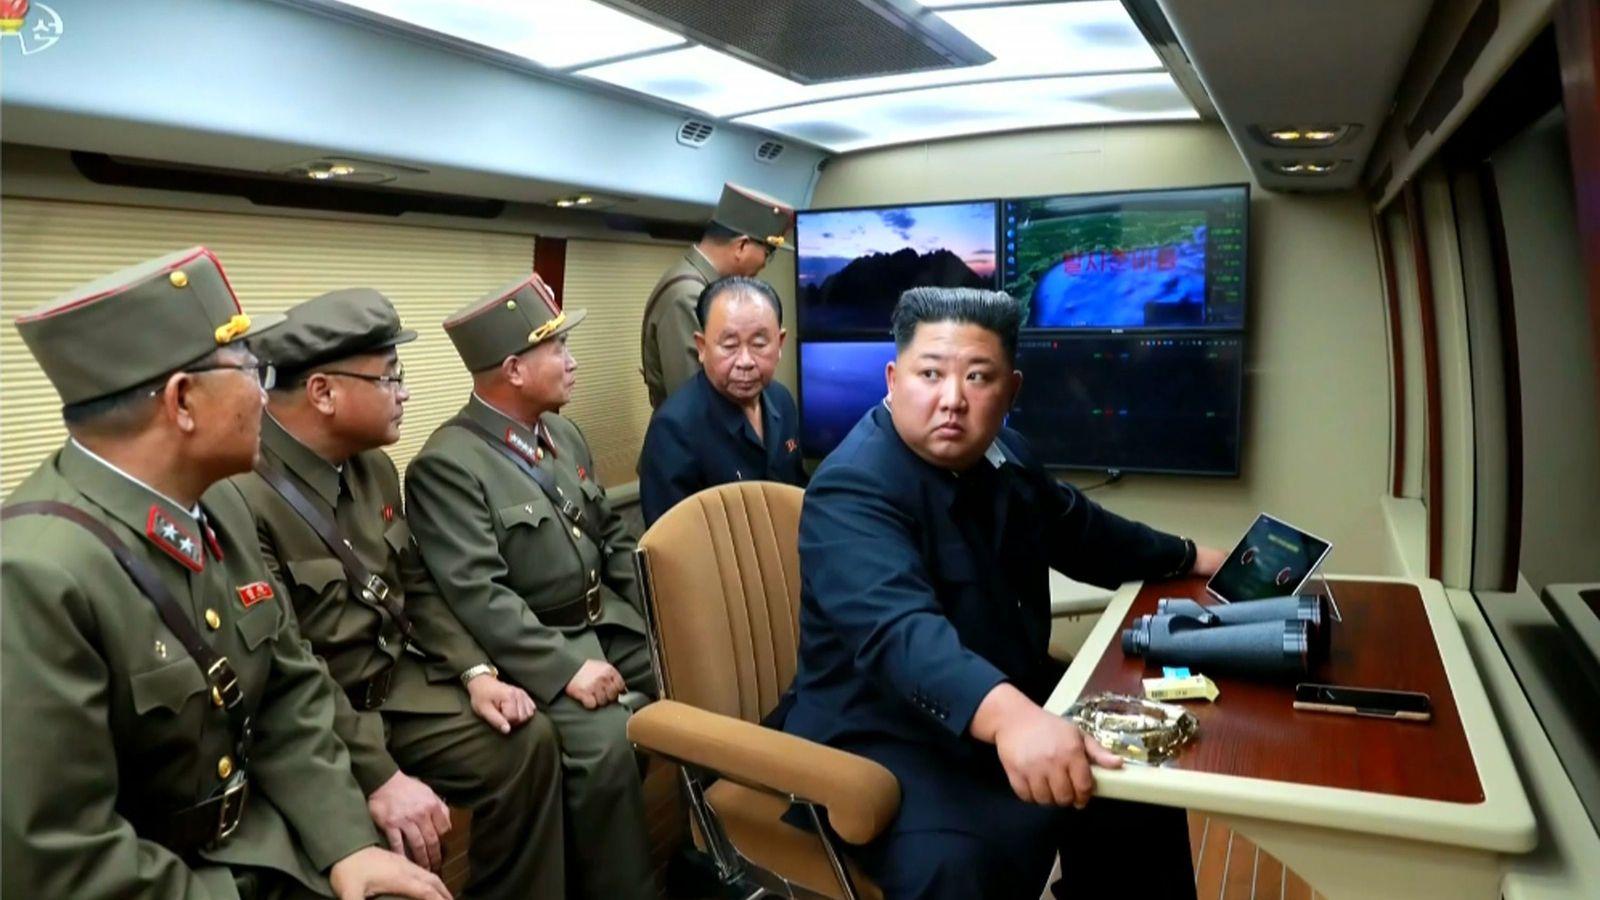 北のミサイルを「飛翔体」と呼ぶ安倍政権の弱腰 日朝首脳会談のための「忖度」か